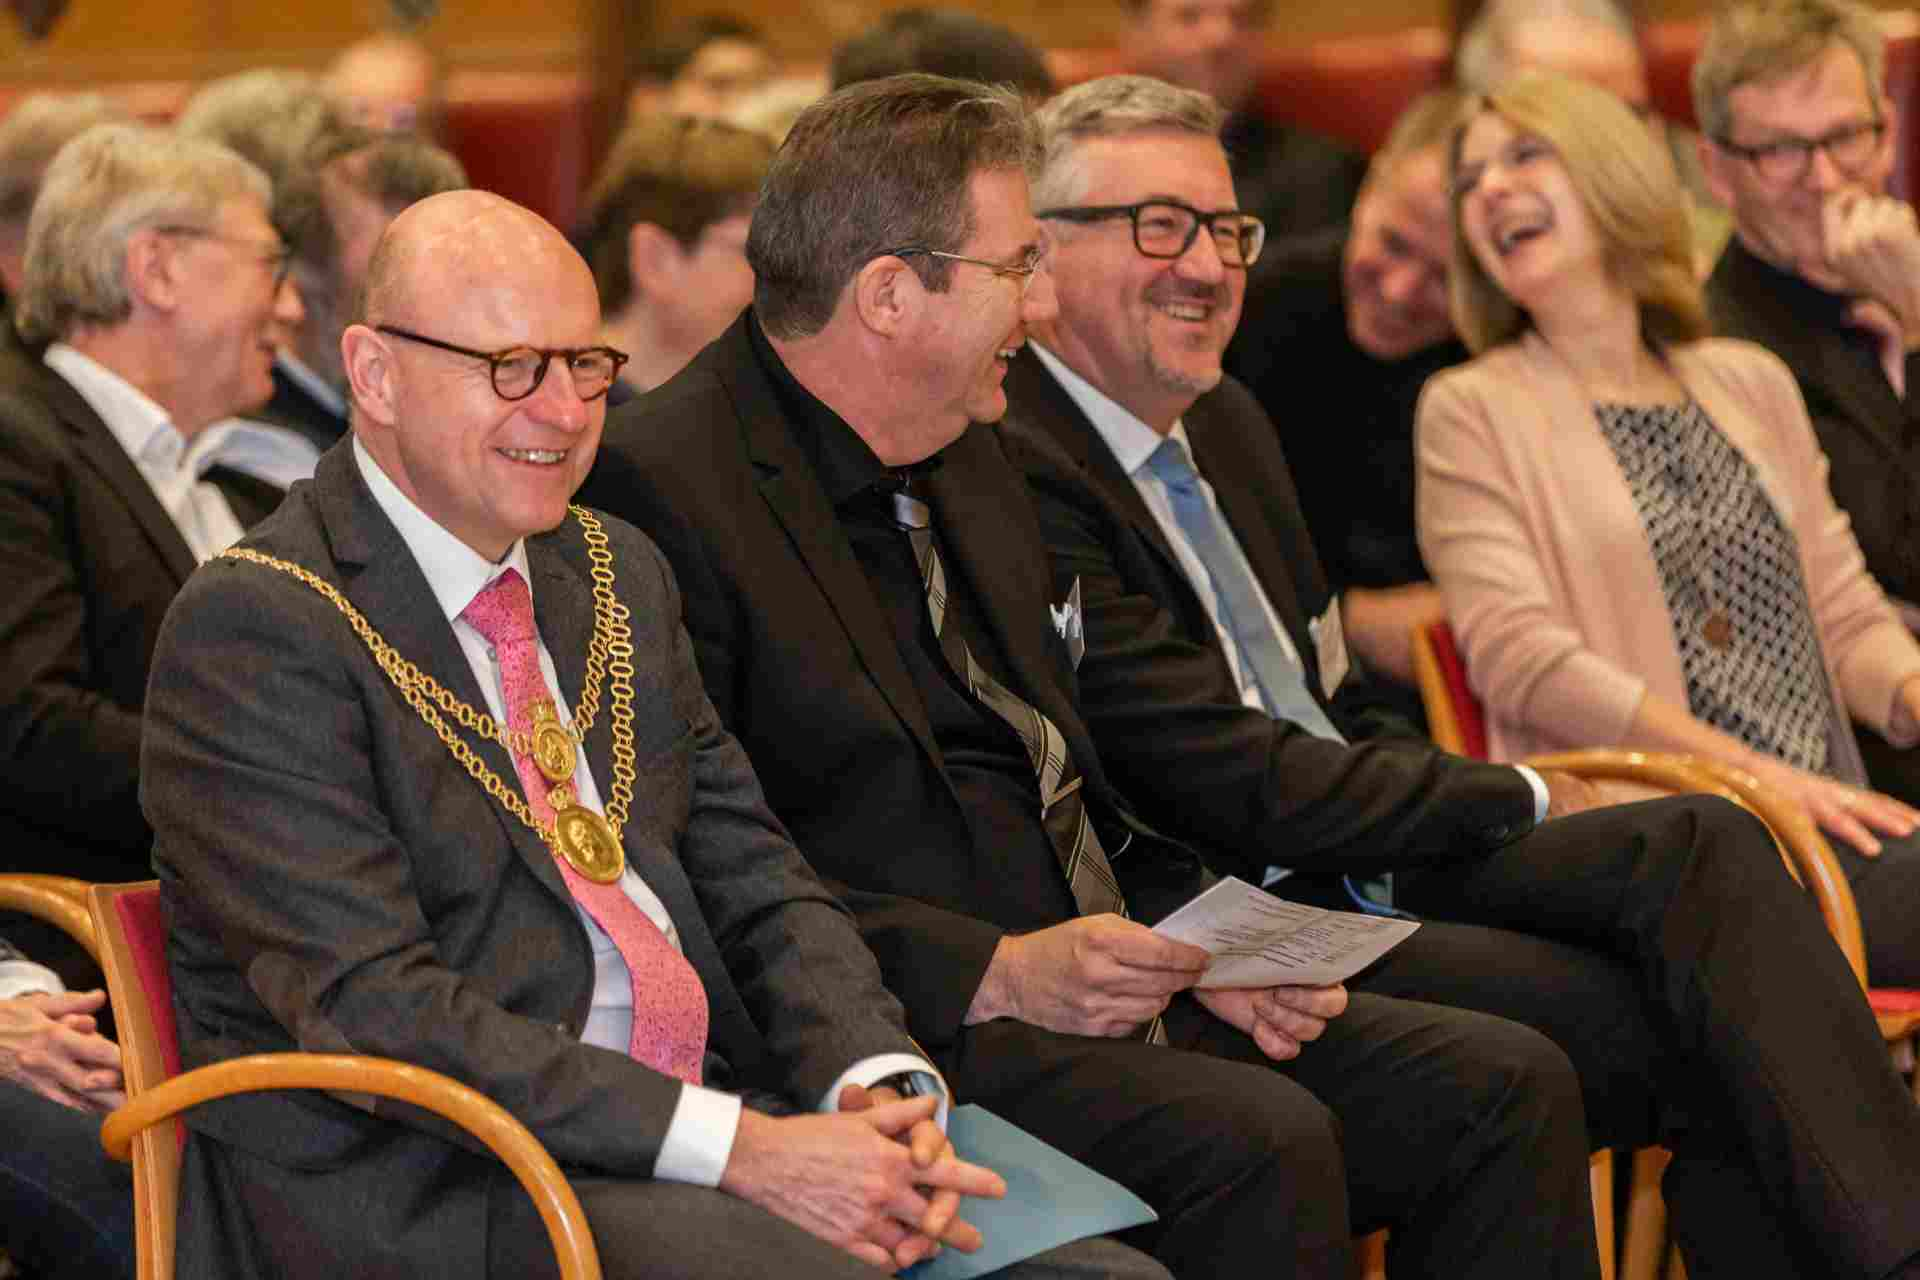 Foto: Festakt 75 Jahre Diakonie Münster mit OB Markus Lewe, Vorstand Ulrich Schülbe und Christian Heine-Göttelmann, Vorstand Diakonie RWL